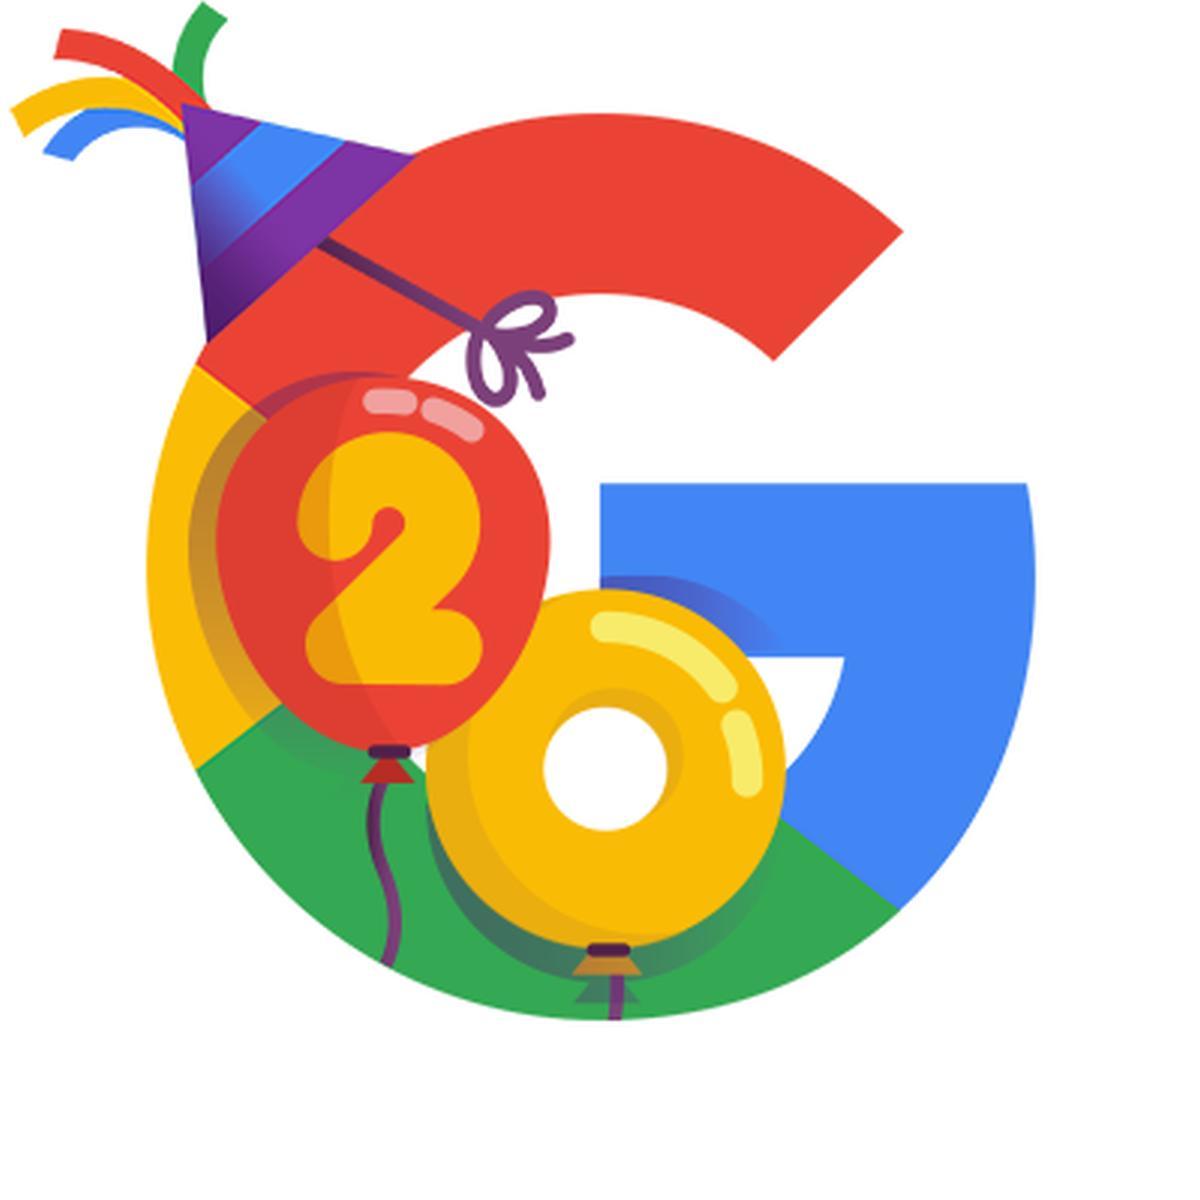 20 jahre google logo